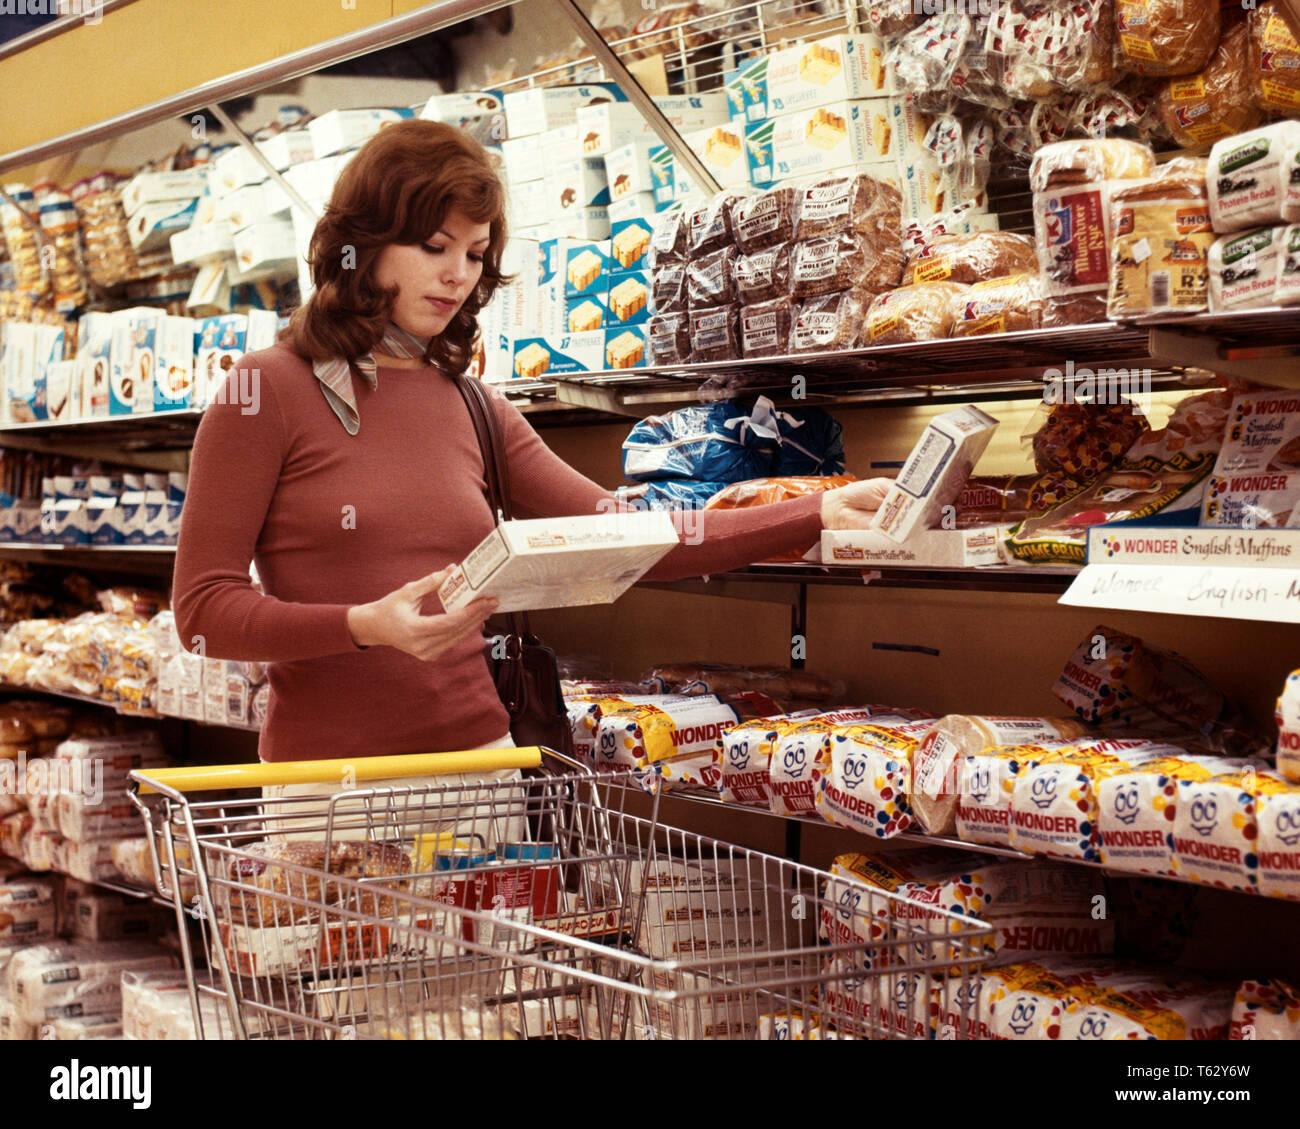 1970 JEUNE FEMME HOUSEWIFE FOOD SHOPPING COMPARER DEUX ÉLÉMENTS ÉPICERIE BOULANGERIE MINISTÈRE PANIER - ks14455 KRU001 SANTÉ GROWNUP HARS ACCUEIL DEMI-LONGUEUR DE LA VIE DES PERSONNES CHERS GROWN-UP SHOPPER BRUNETTE MAÎTRESSE ME DEMANDE SERVICE CLIENT MÉNAGÈRES MÉNAGÈRES CHOIX CONCEPTUEL SÉLECTION ALIMENTATION BOULANGERIE DÉCIDER COMPARER ÉLÉGANTE JEUNE FEMME jeune adulte l'origine ethnique caucasienne comparer la sélection à l'ANCIENNE Photo Stock